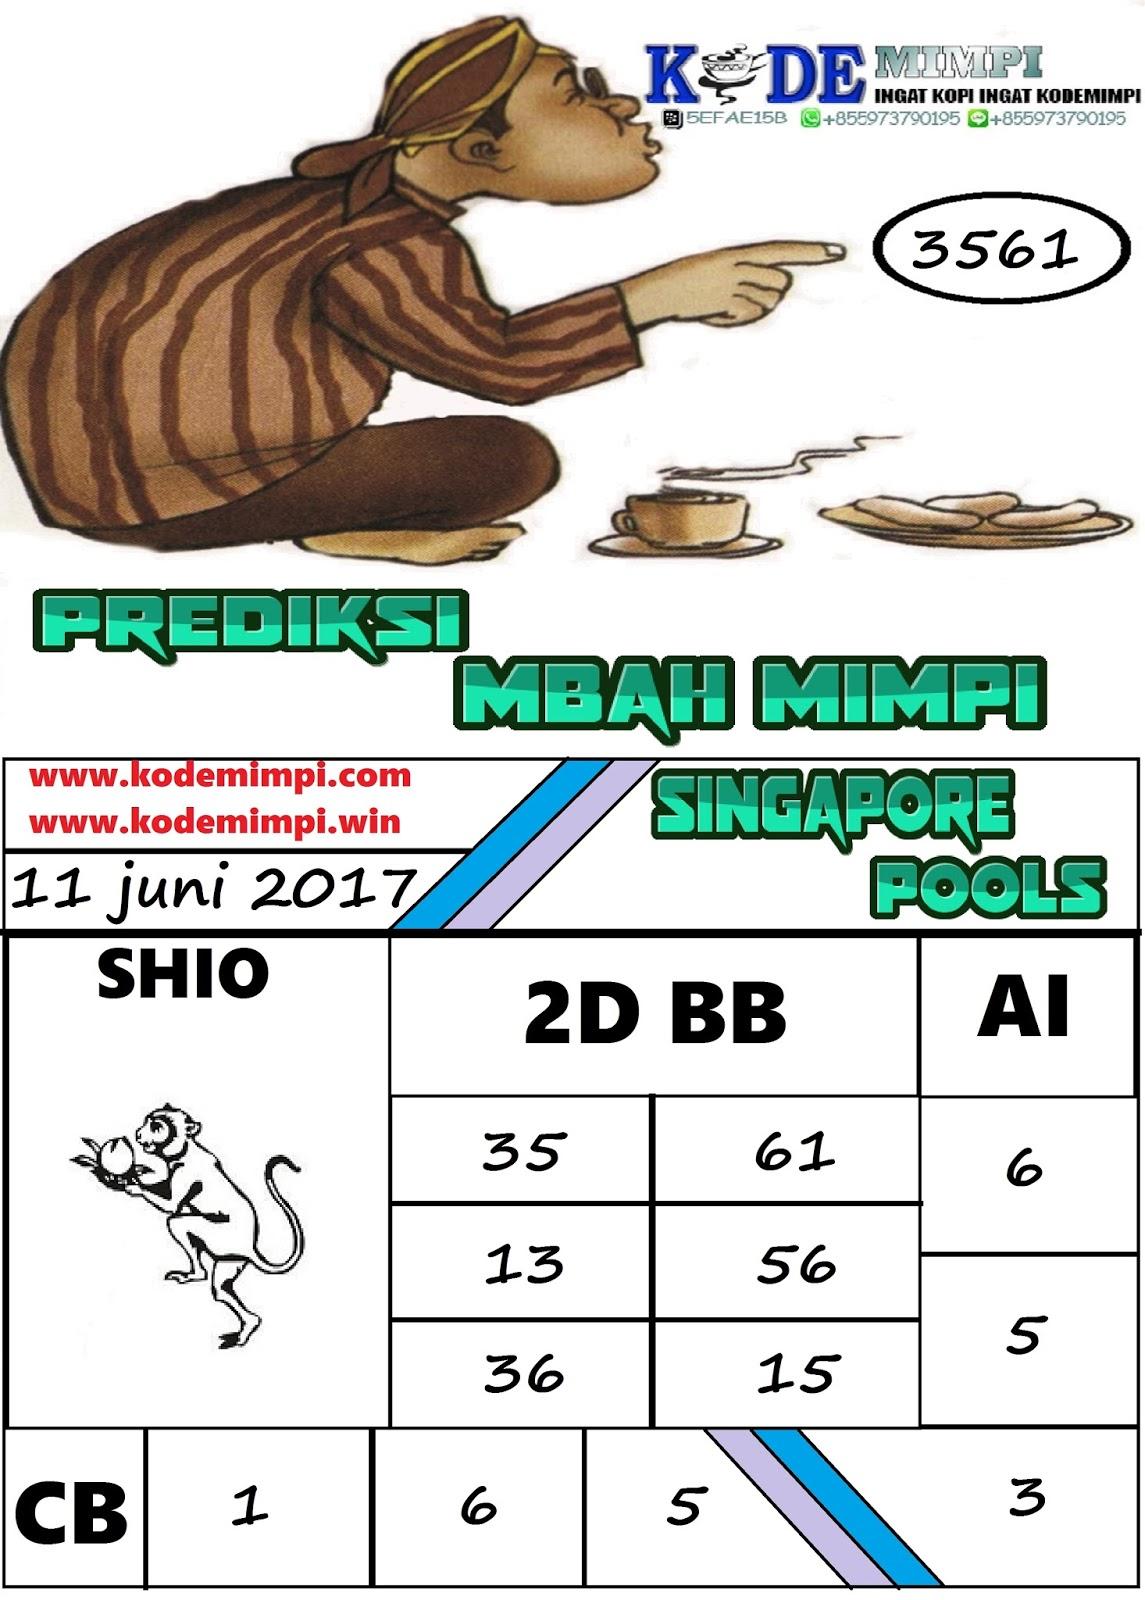 Data Togel Singapura, Data Togel Hongkong, Data Togel sydney Togel Sgp 2d Salam Jp Massalhtml